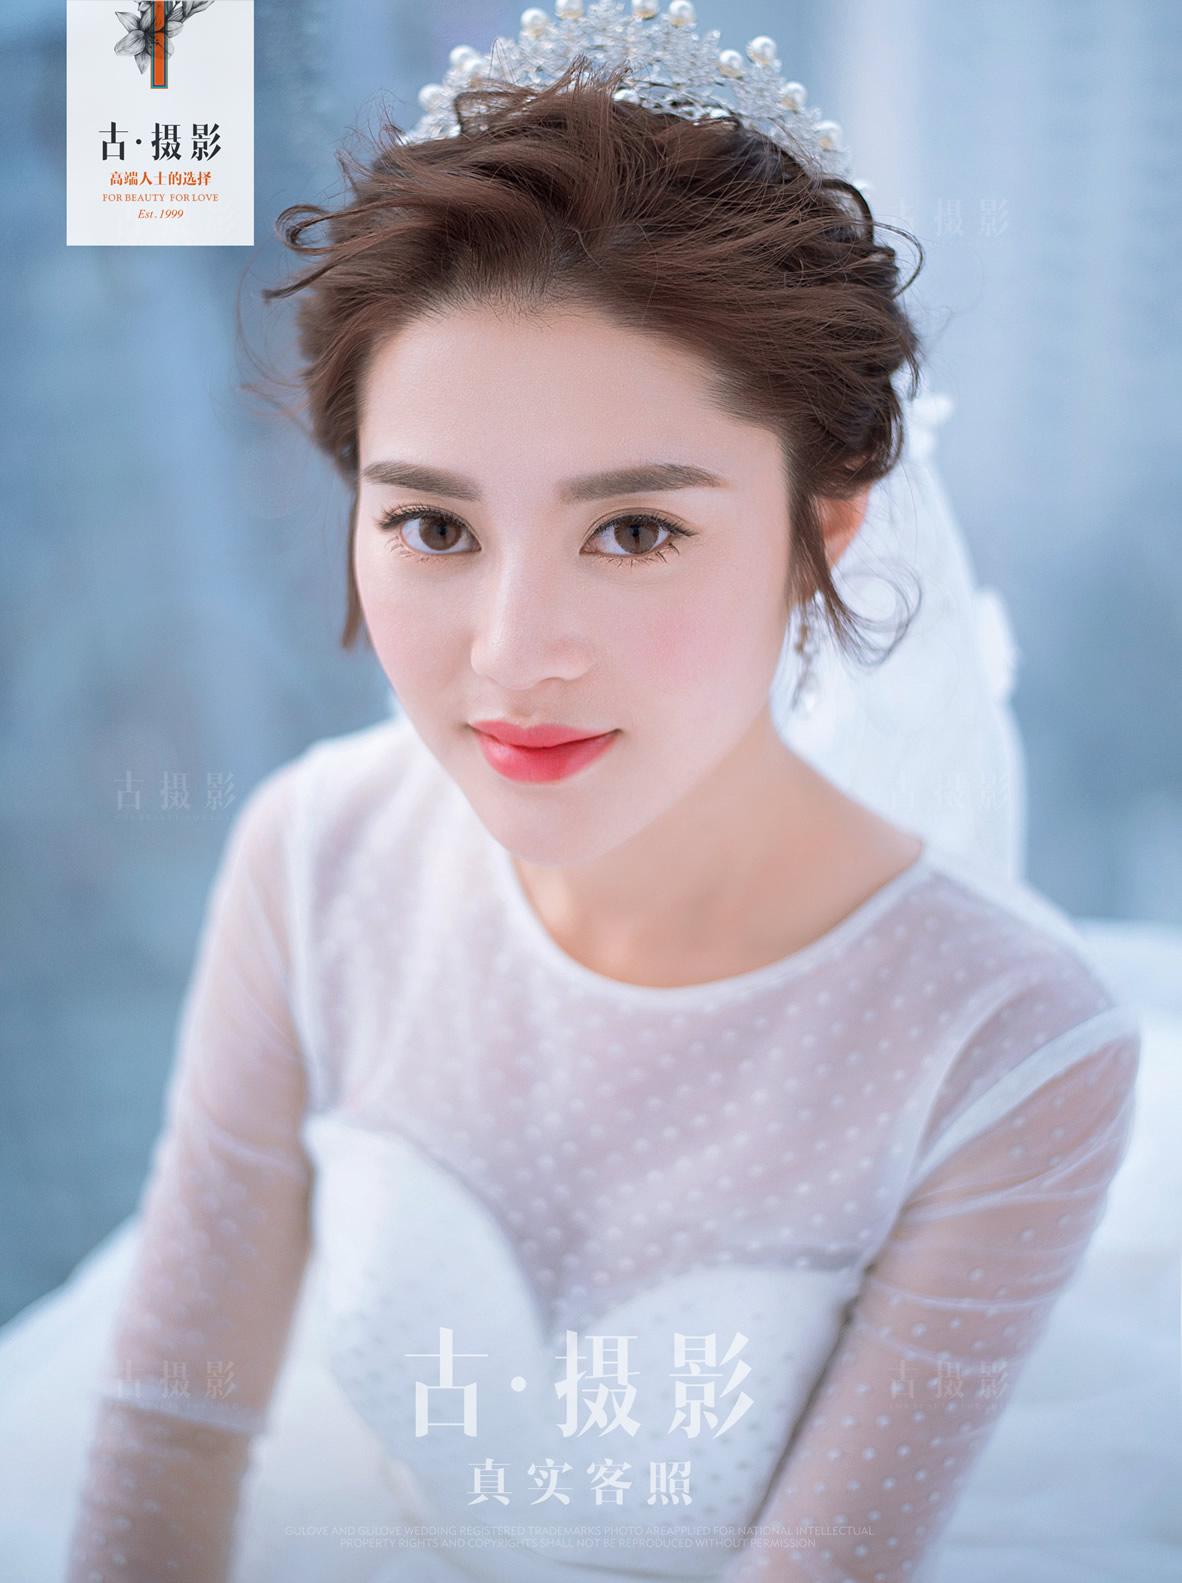 2月20日客片王先生 庄小姐 - 每日客照 - 古摄影婚纱艺术-古摄影成都婚纱摄影艺术摄影网